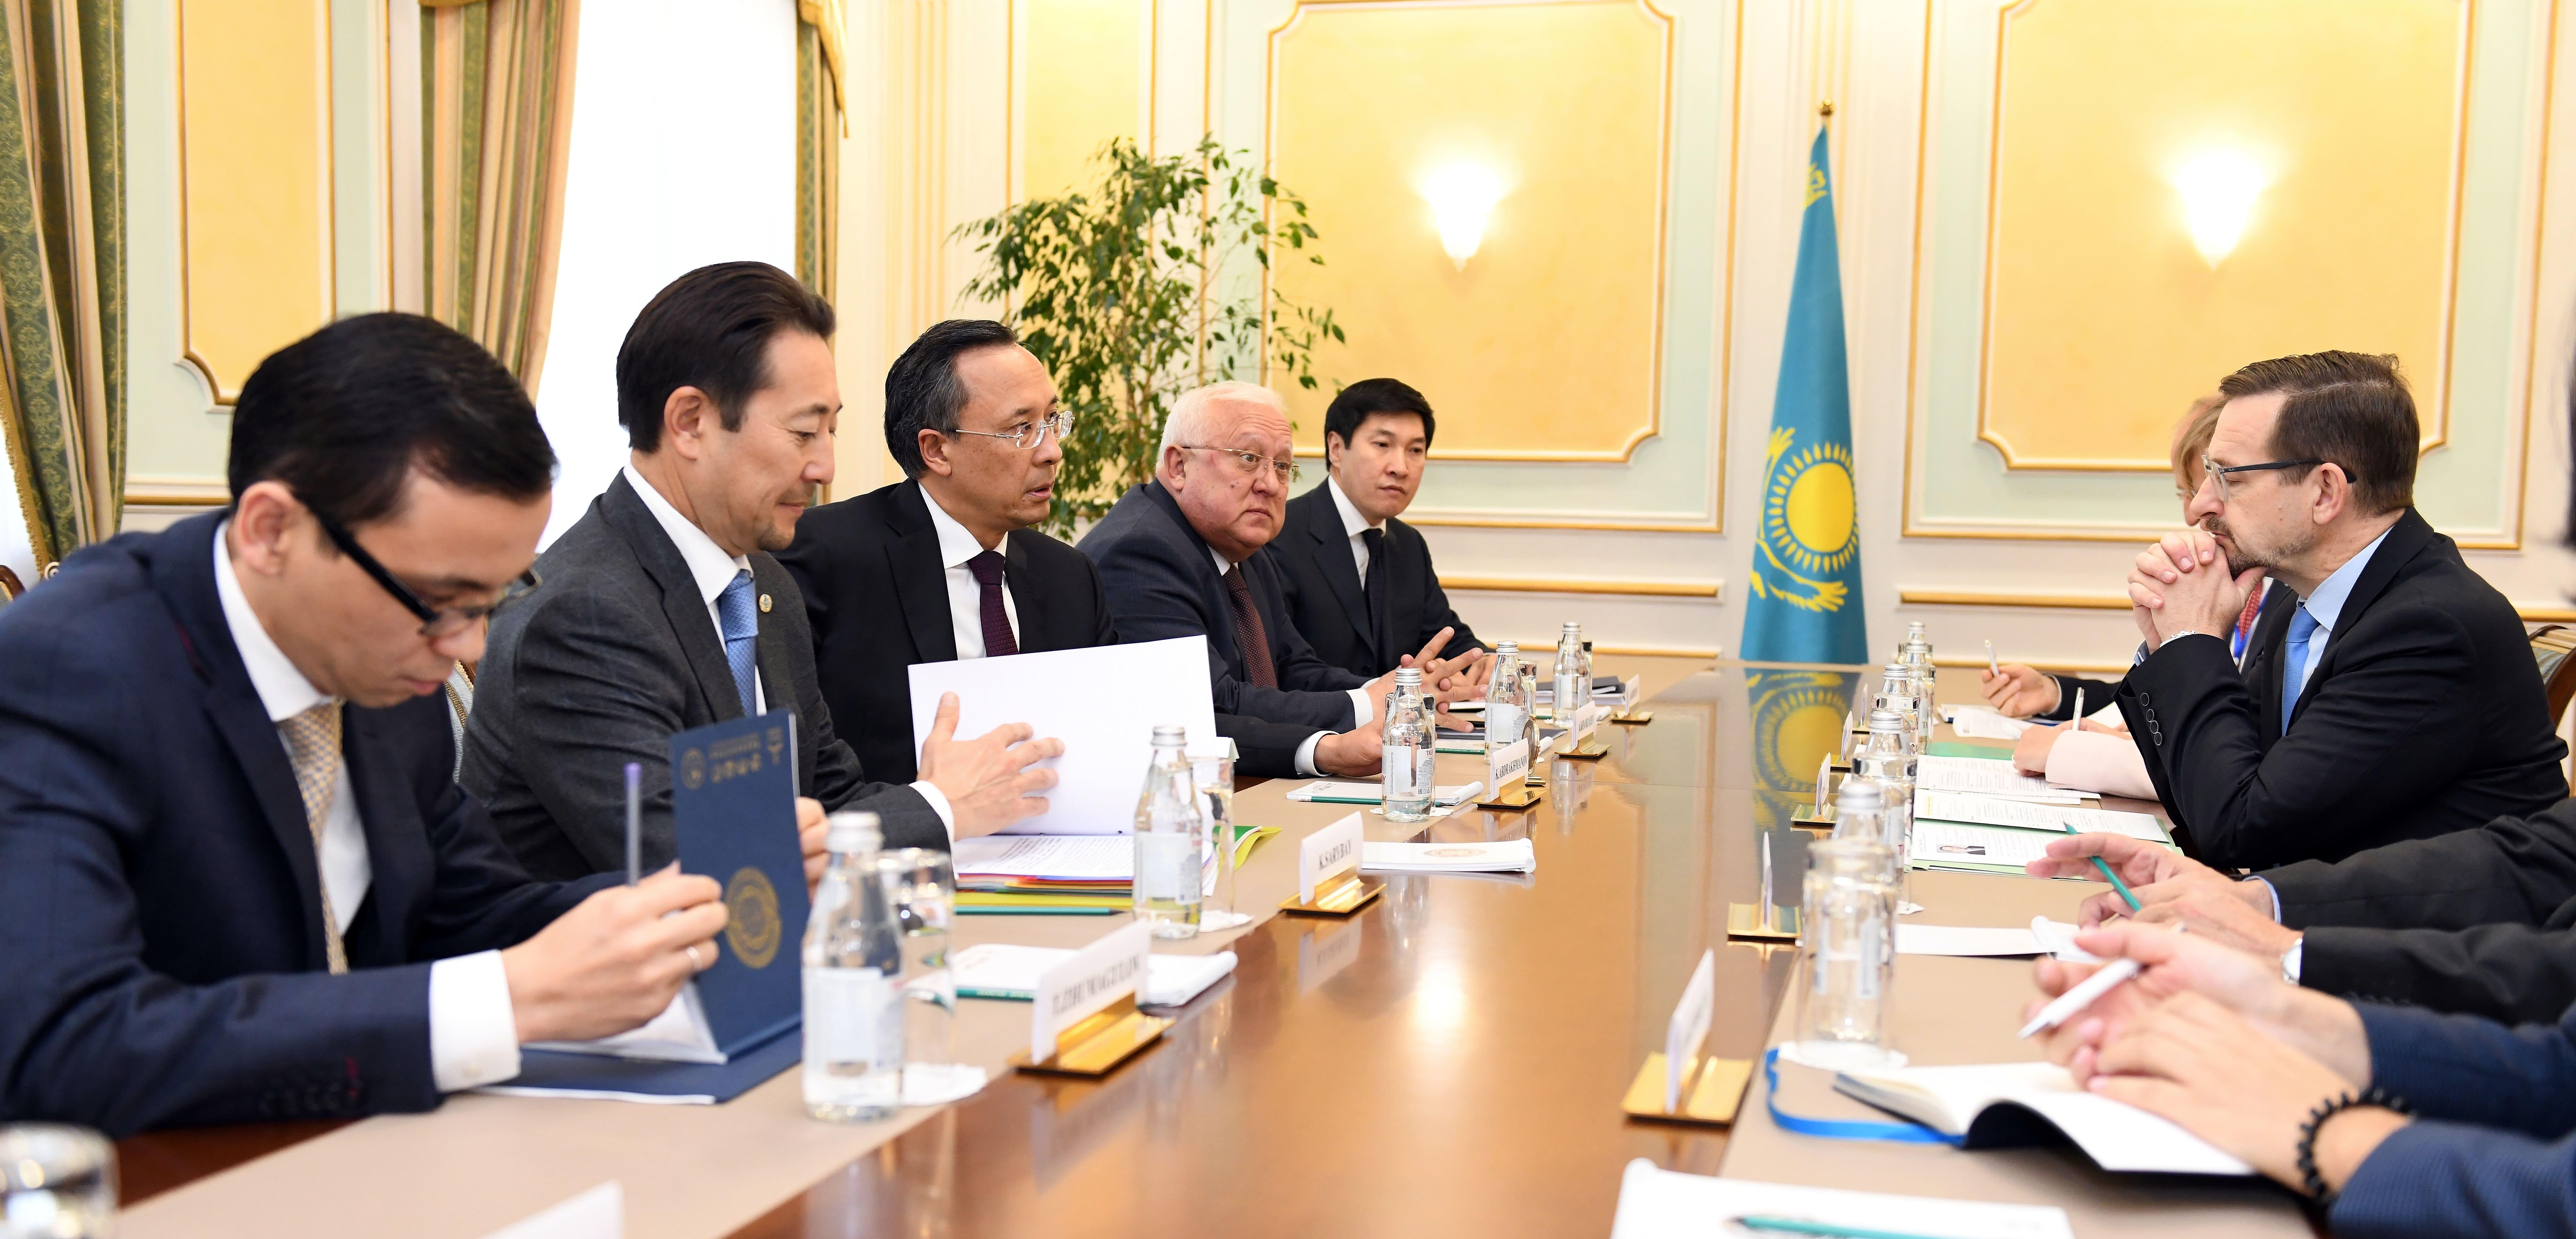 Глава МИДа встретился с генеральным секретарём ОБСЕ